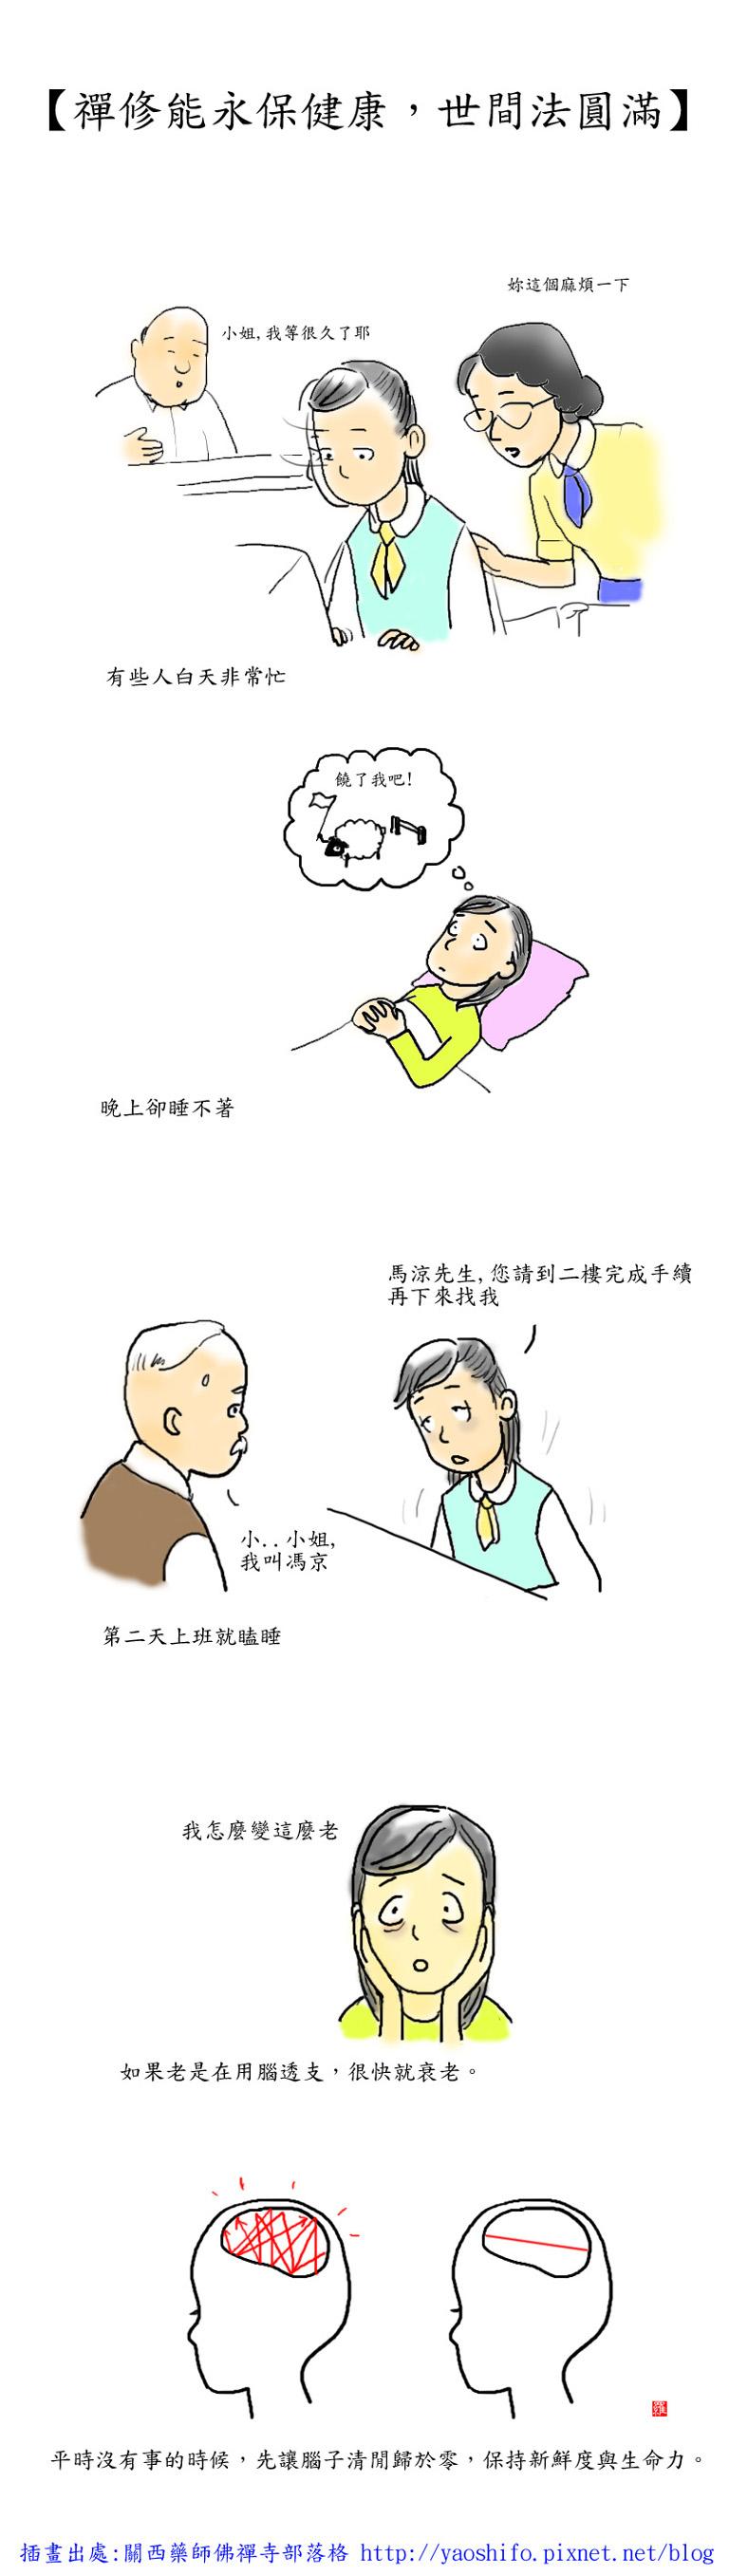 修禪永保健康.jpg